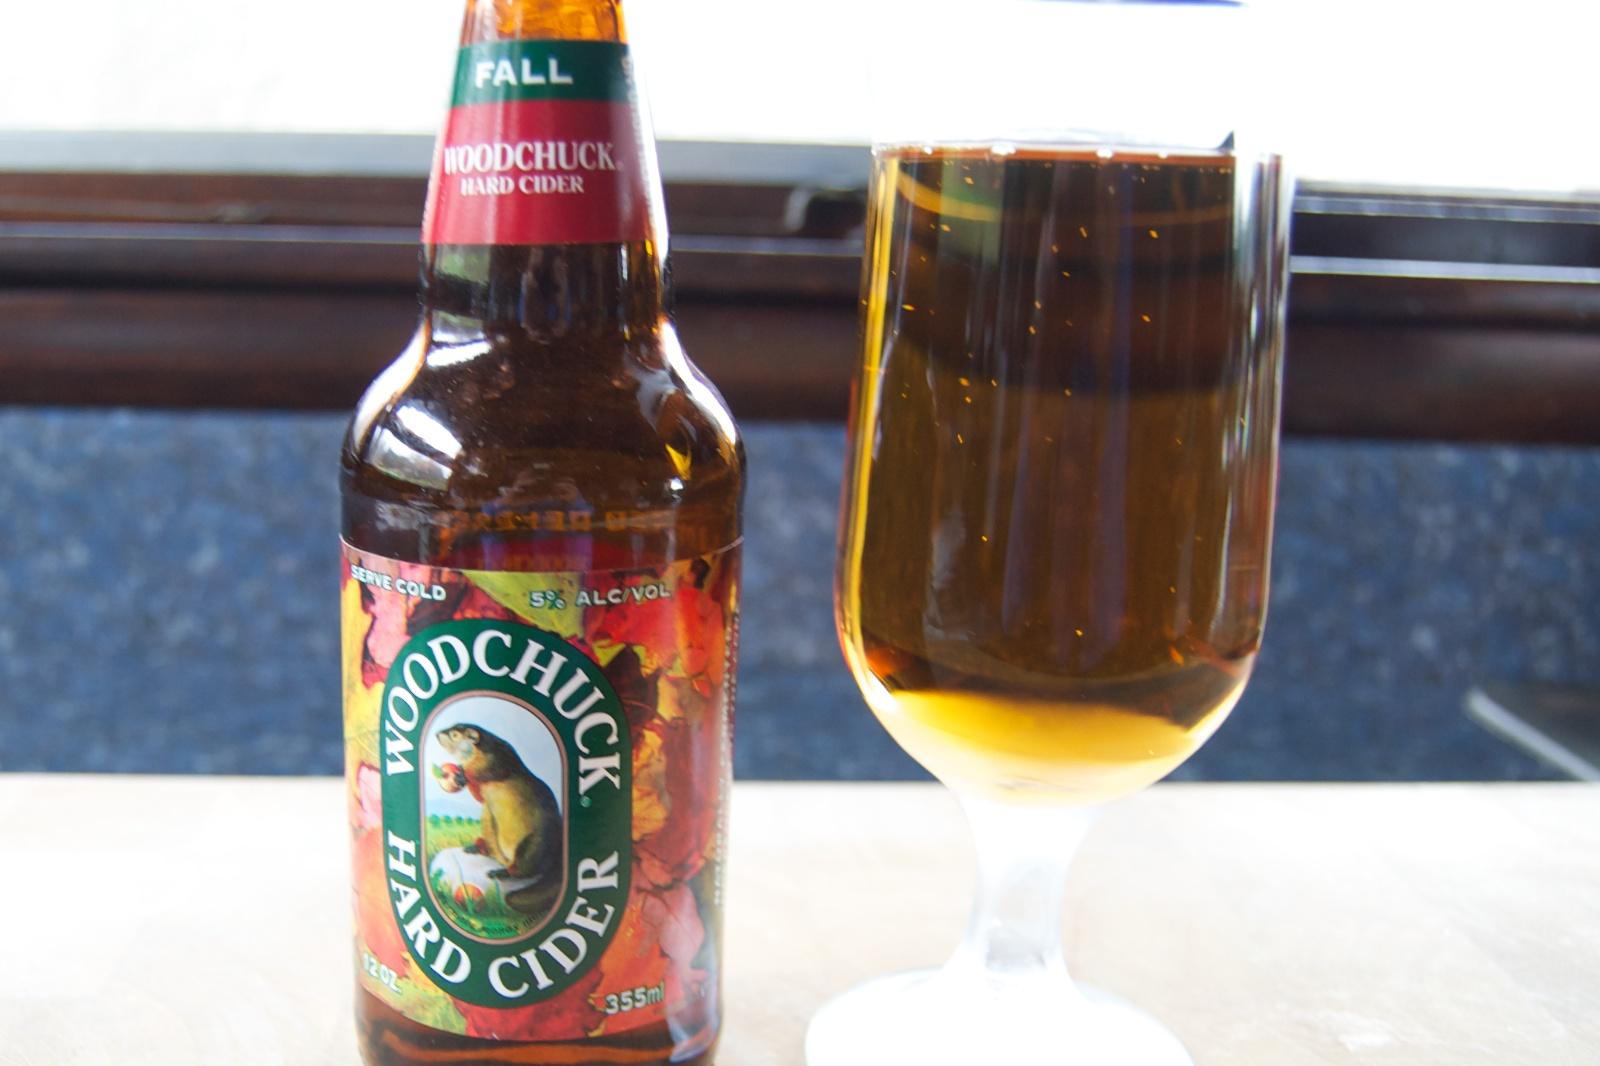 http://blog.rickk.com/food/2012/11/05/ate.2012.11.05.e1.jpg